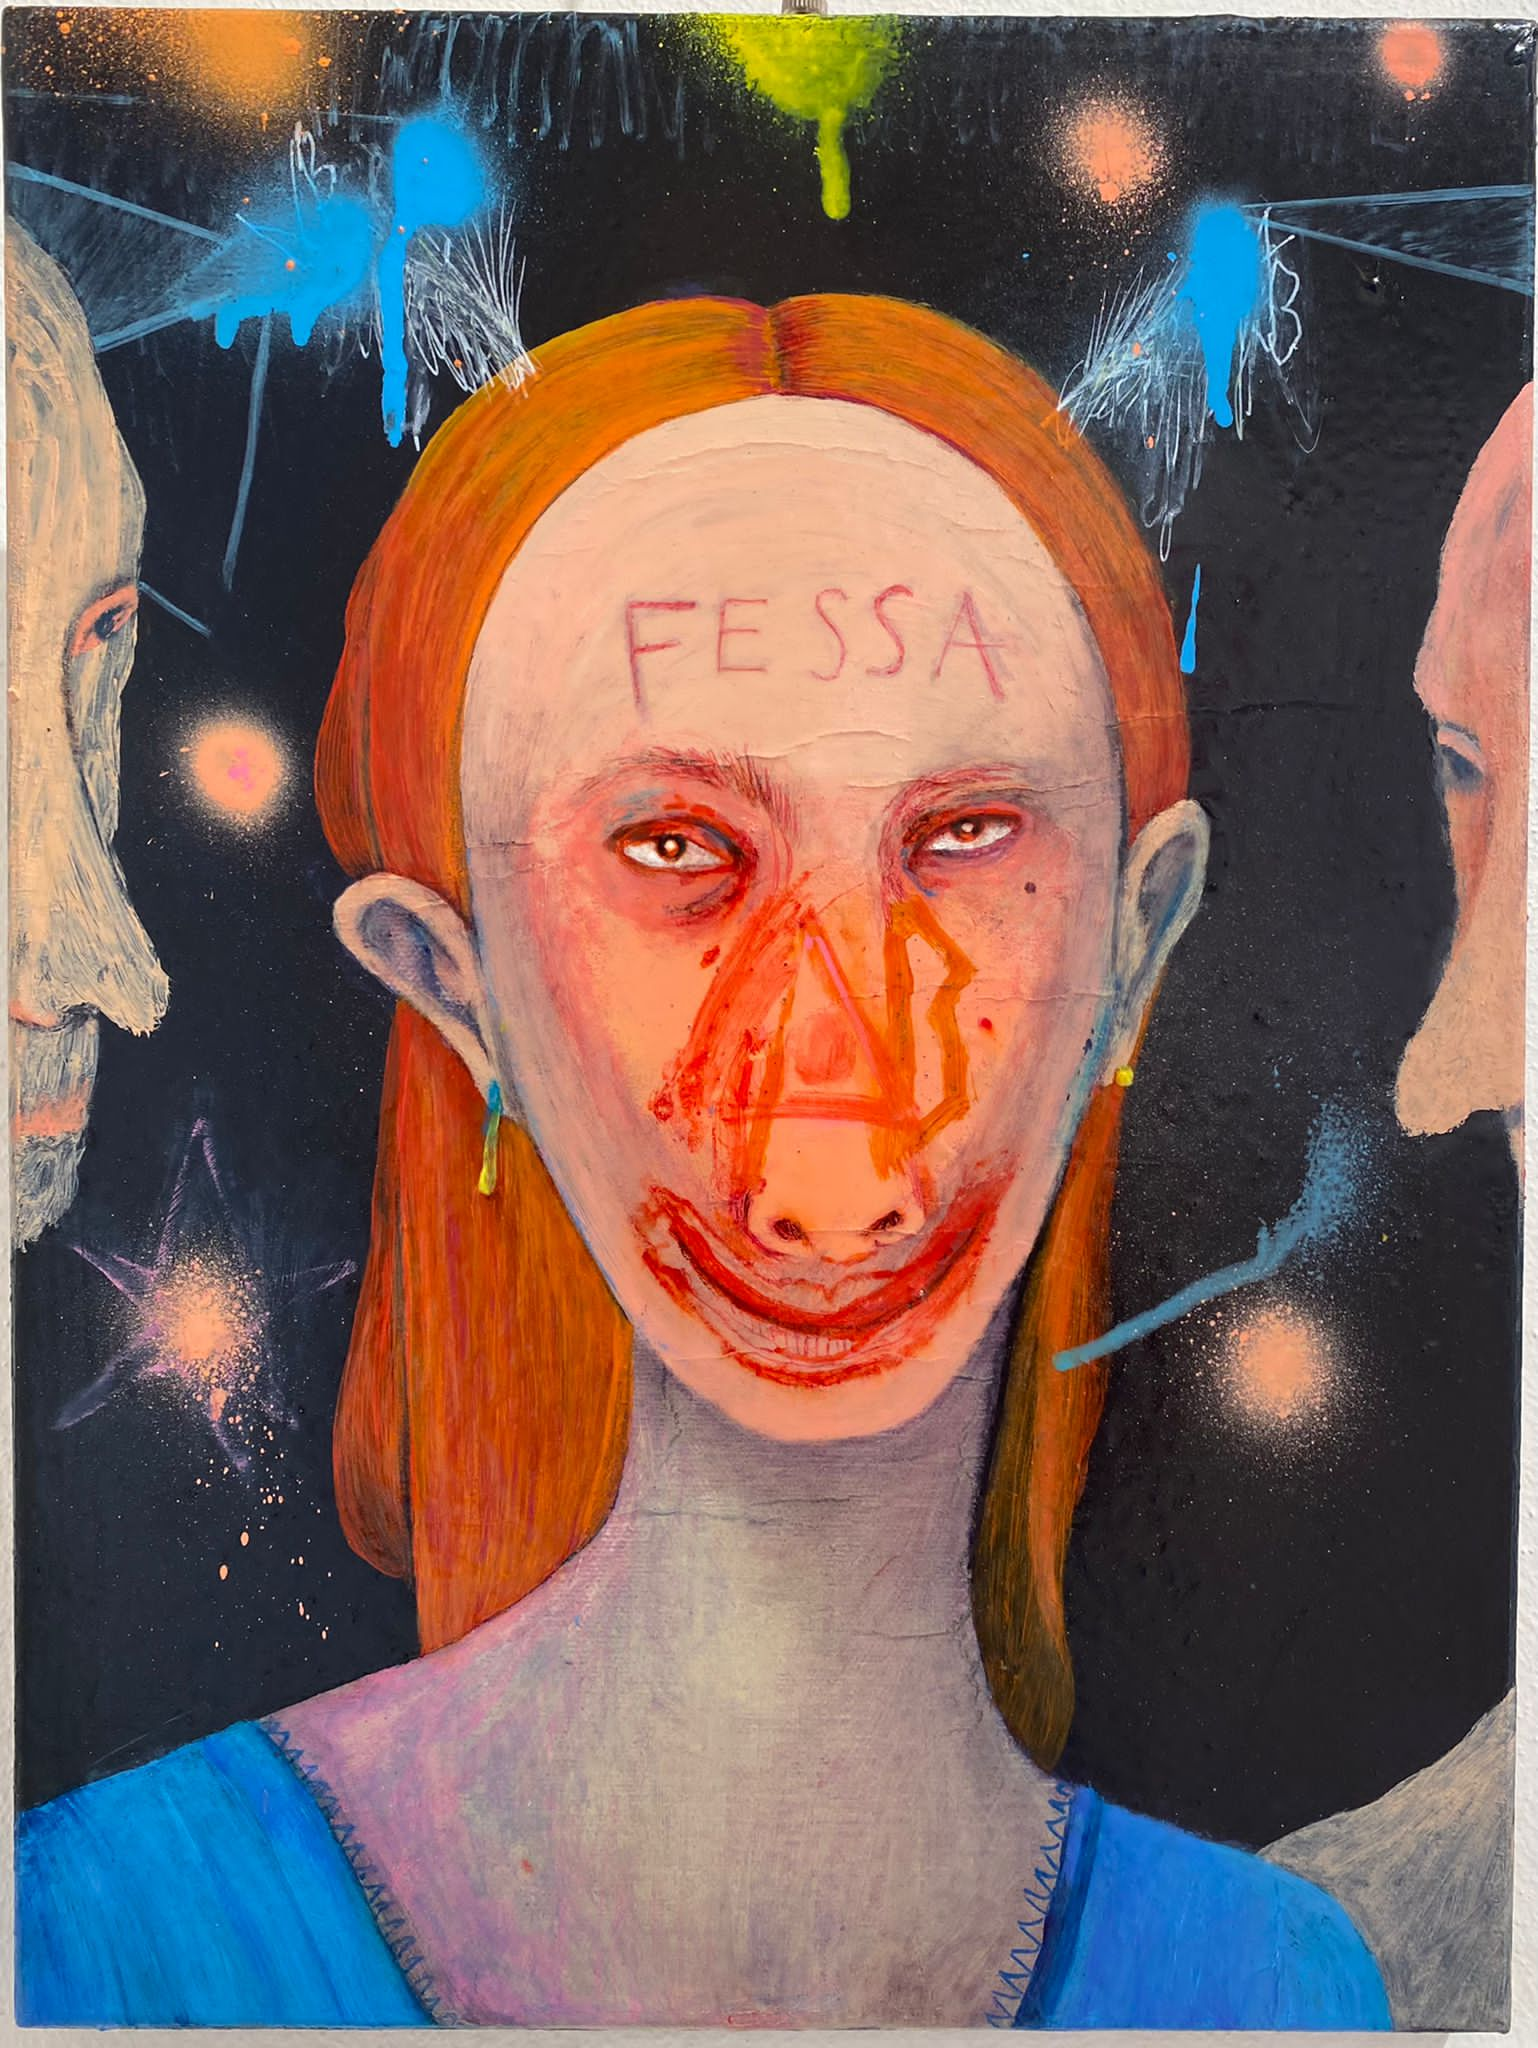 Silvia Mei, Fessa in testa, 2019, acrilico e tecnica mista su tela, 30x40cm